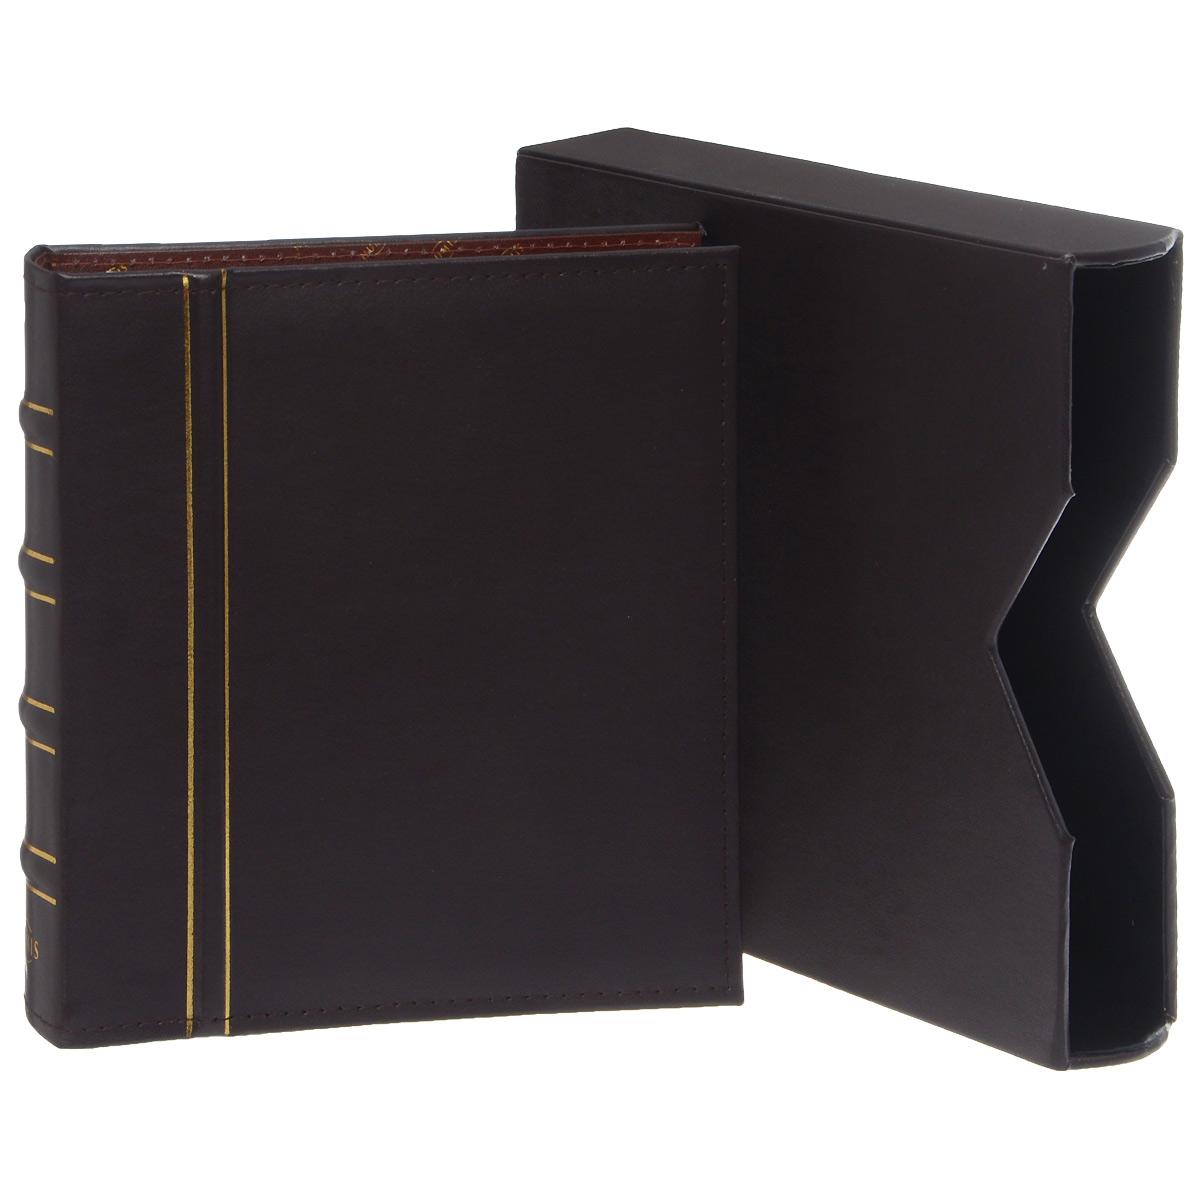 Альбом Numis, в шубере, без листов. Натуральная кожа. Цвет темно-коричневый. CLNUMSETL341937Альбом для банкнот Numis выполнен из натуральной кожи темно-коричневого цвета в классическом дизайне с подходящей защитной кассетой. Переплет с 4-кольцевой механикой.